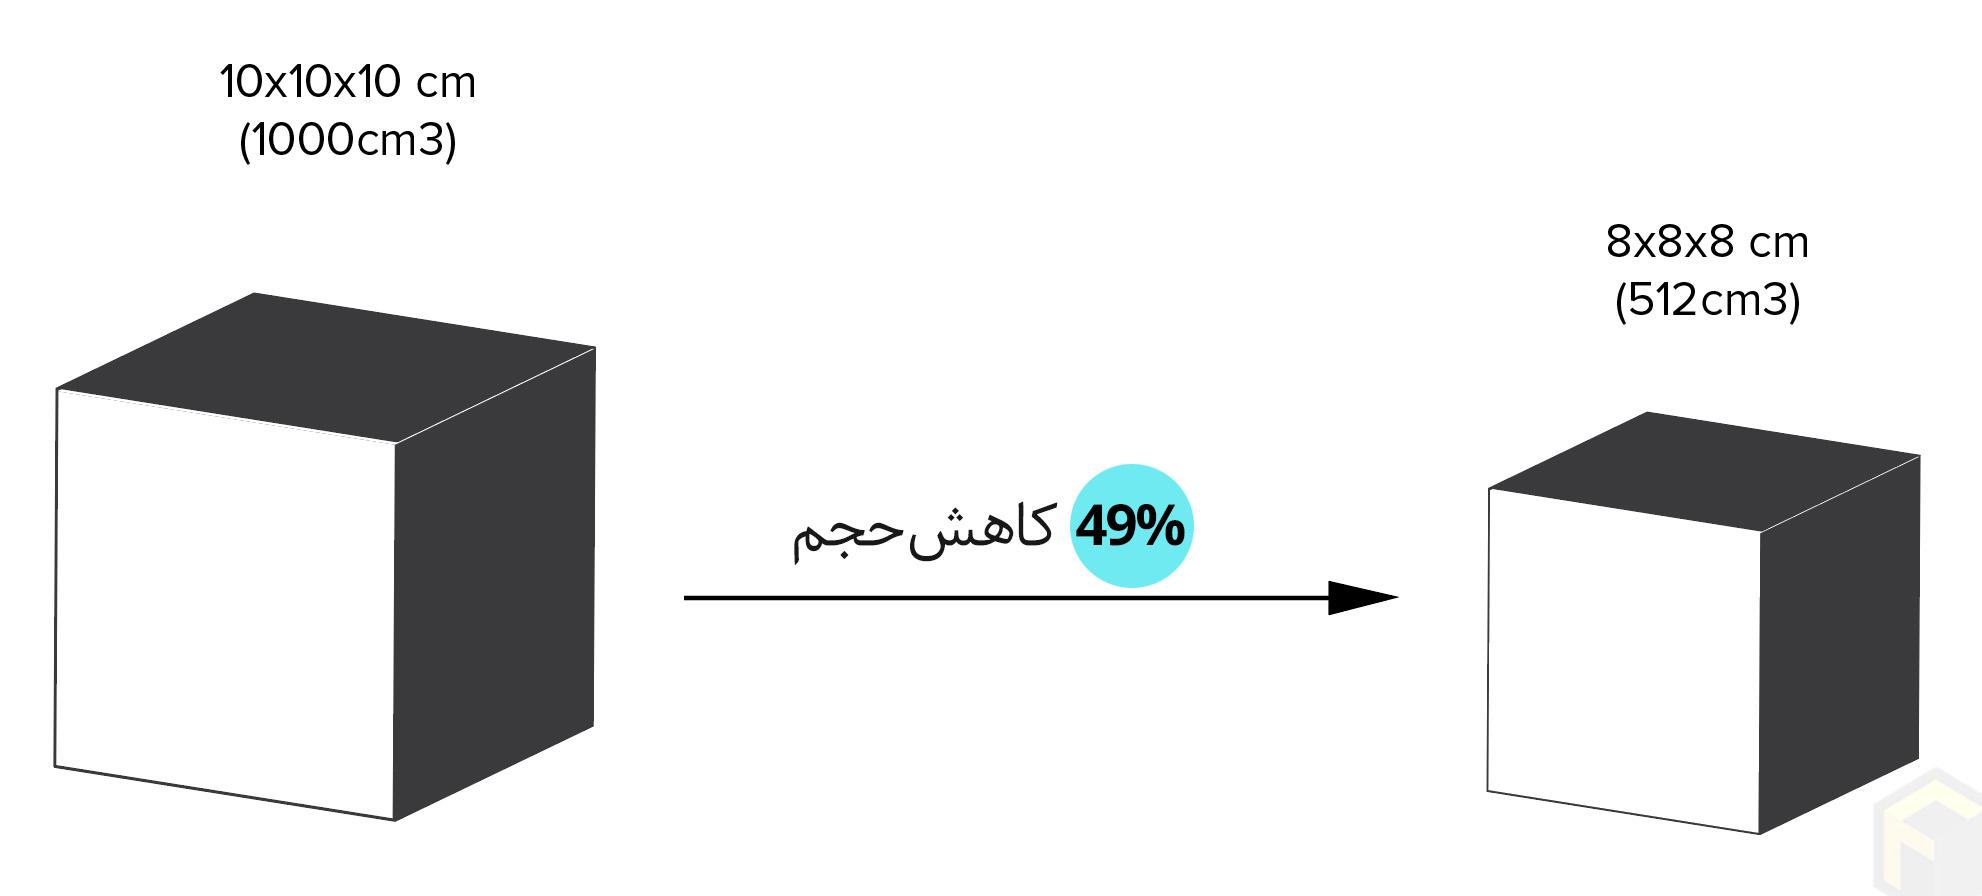 حجم یک مکعب 8سانتیمتری تقریبا نصف حجم یک مکعب 10سانتیمتری است